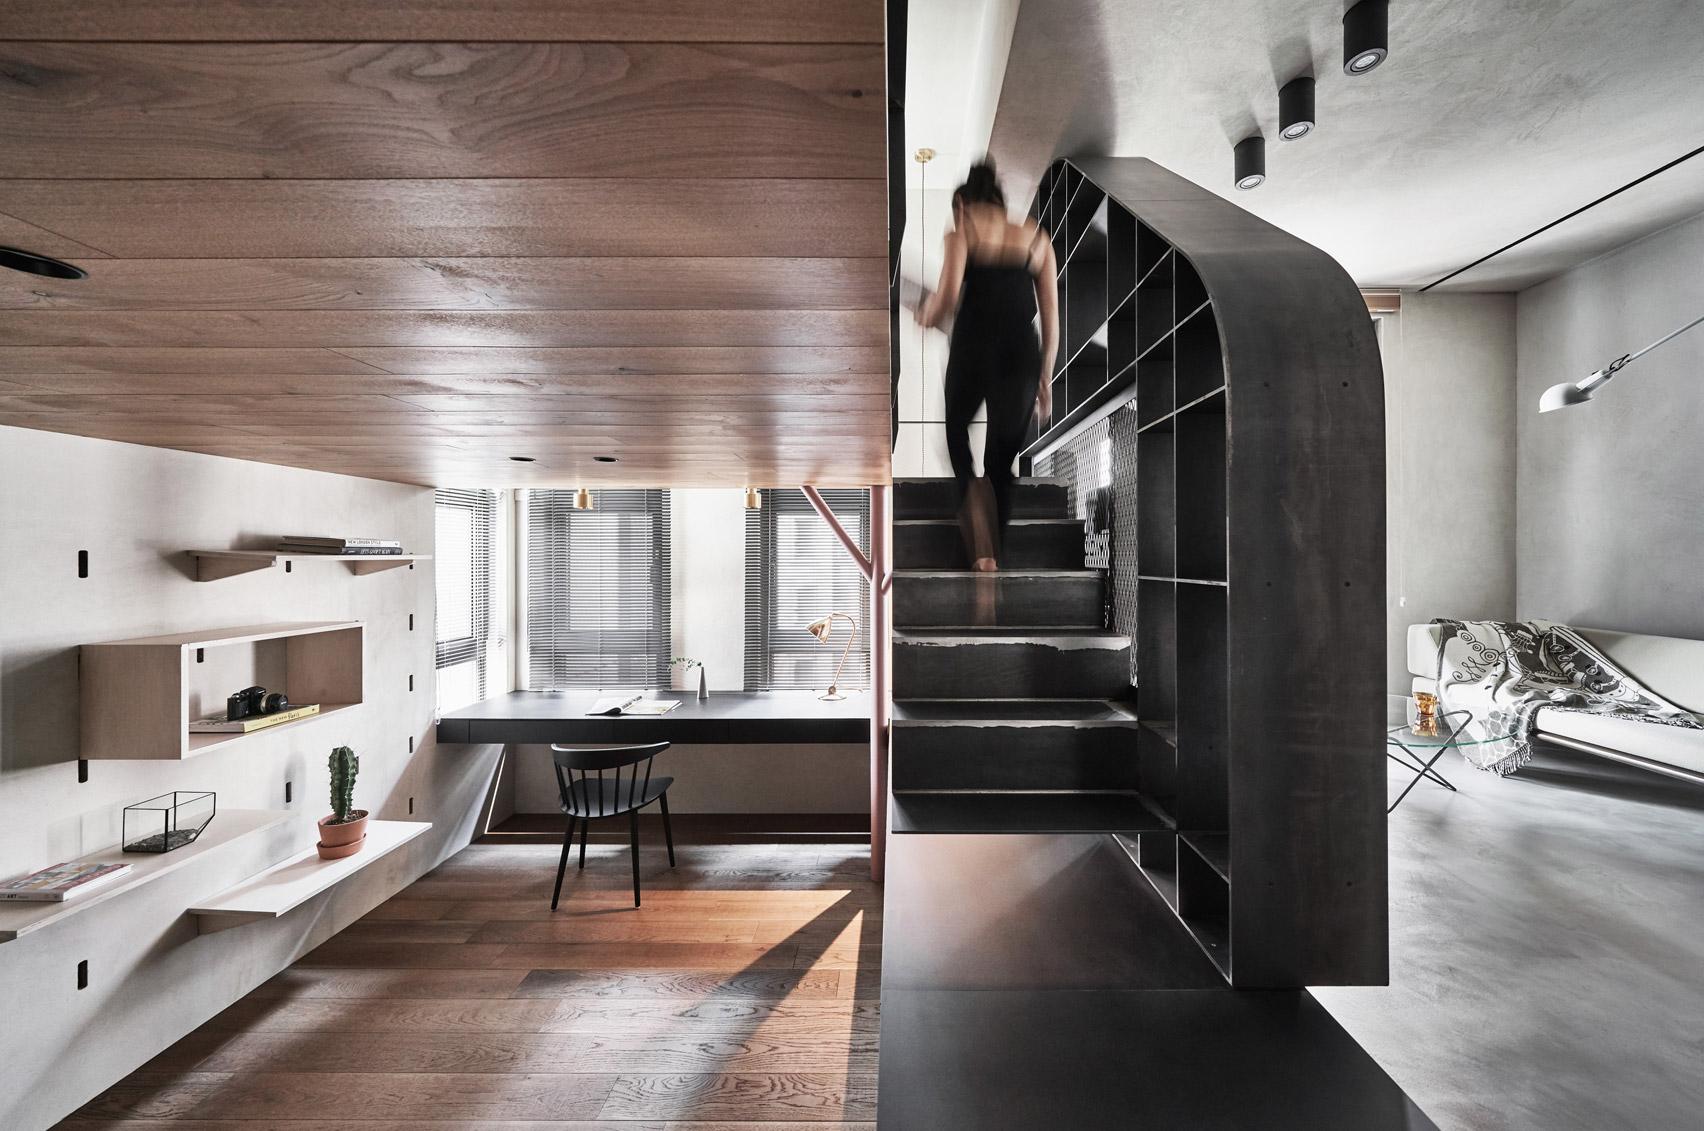 Bổ sung nội thất đa chức năng cho căn hộ xinh xắn tại Đài Bắc (Trung Quốc) - Ảnh 1.